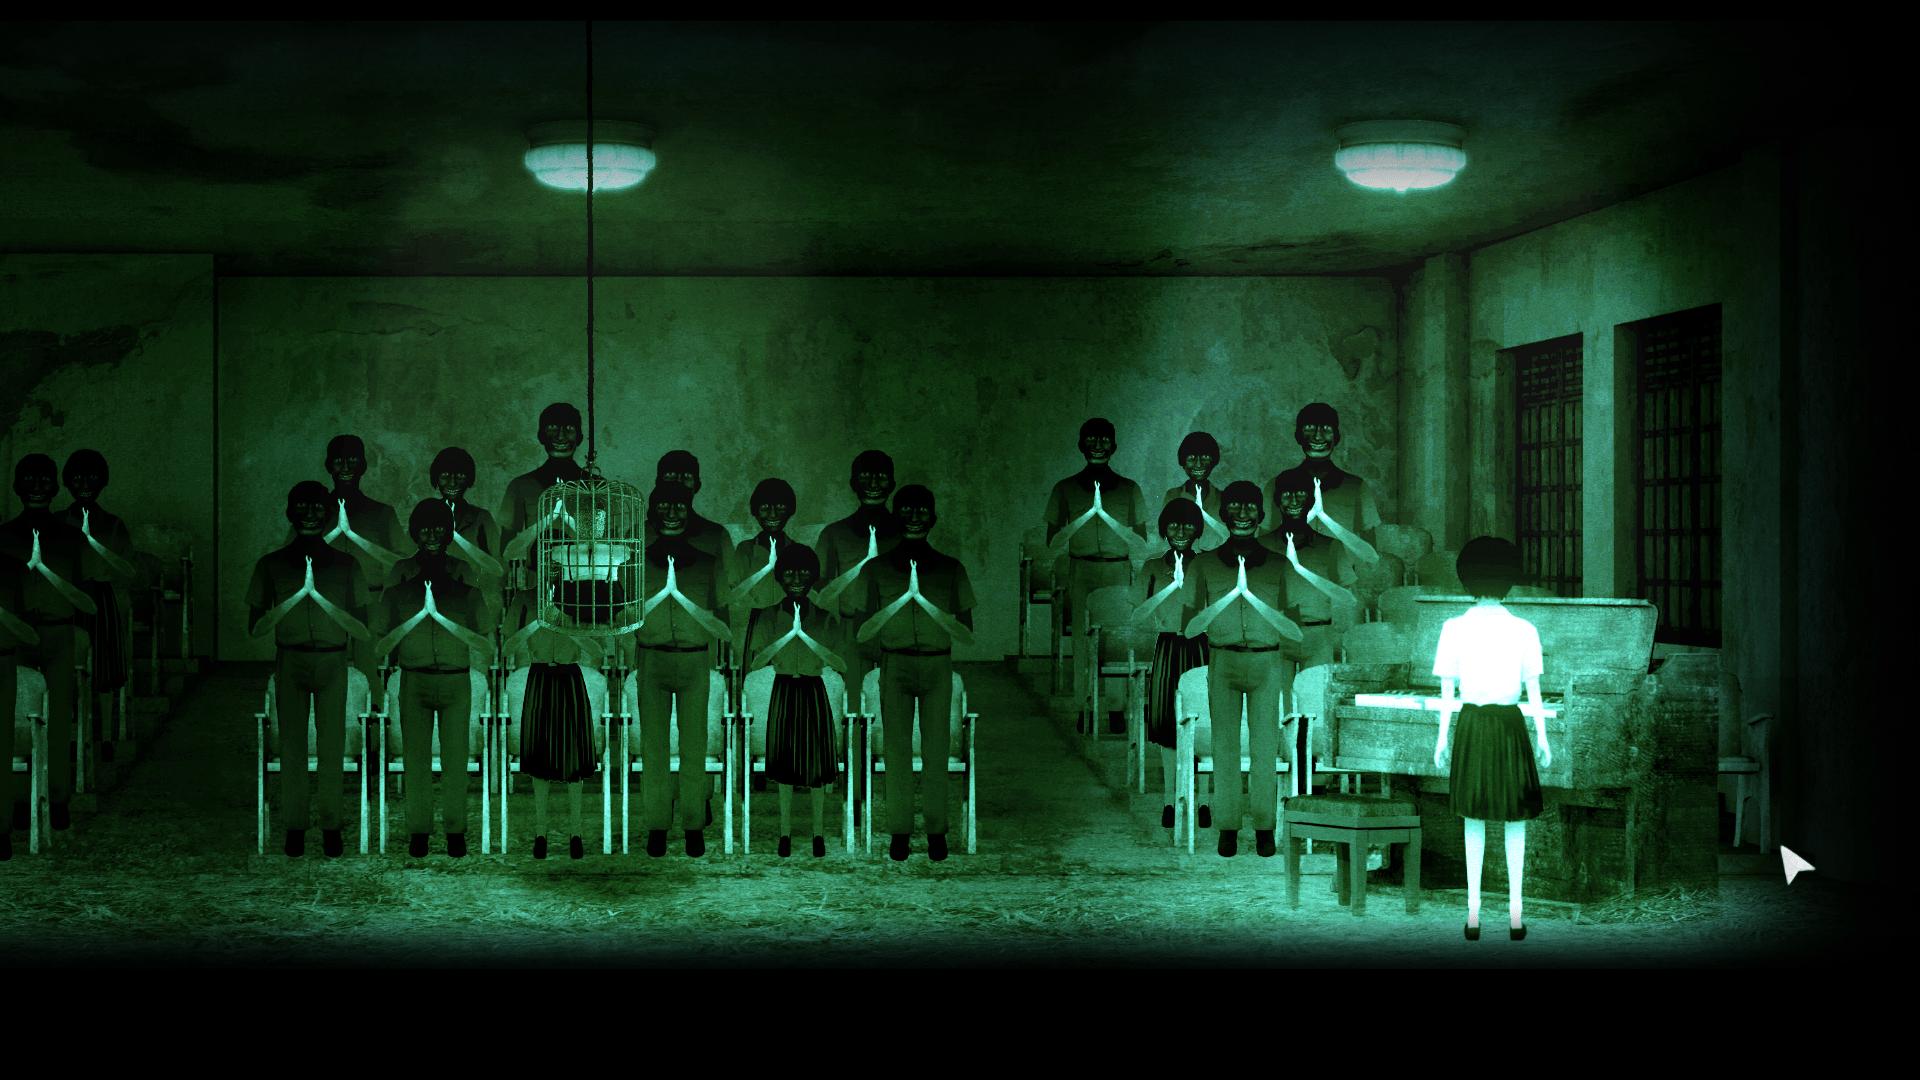 《返校》也許是近年最好的中文恐怖游戲 - 奶牛關